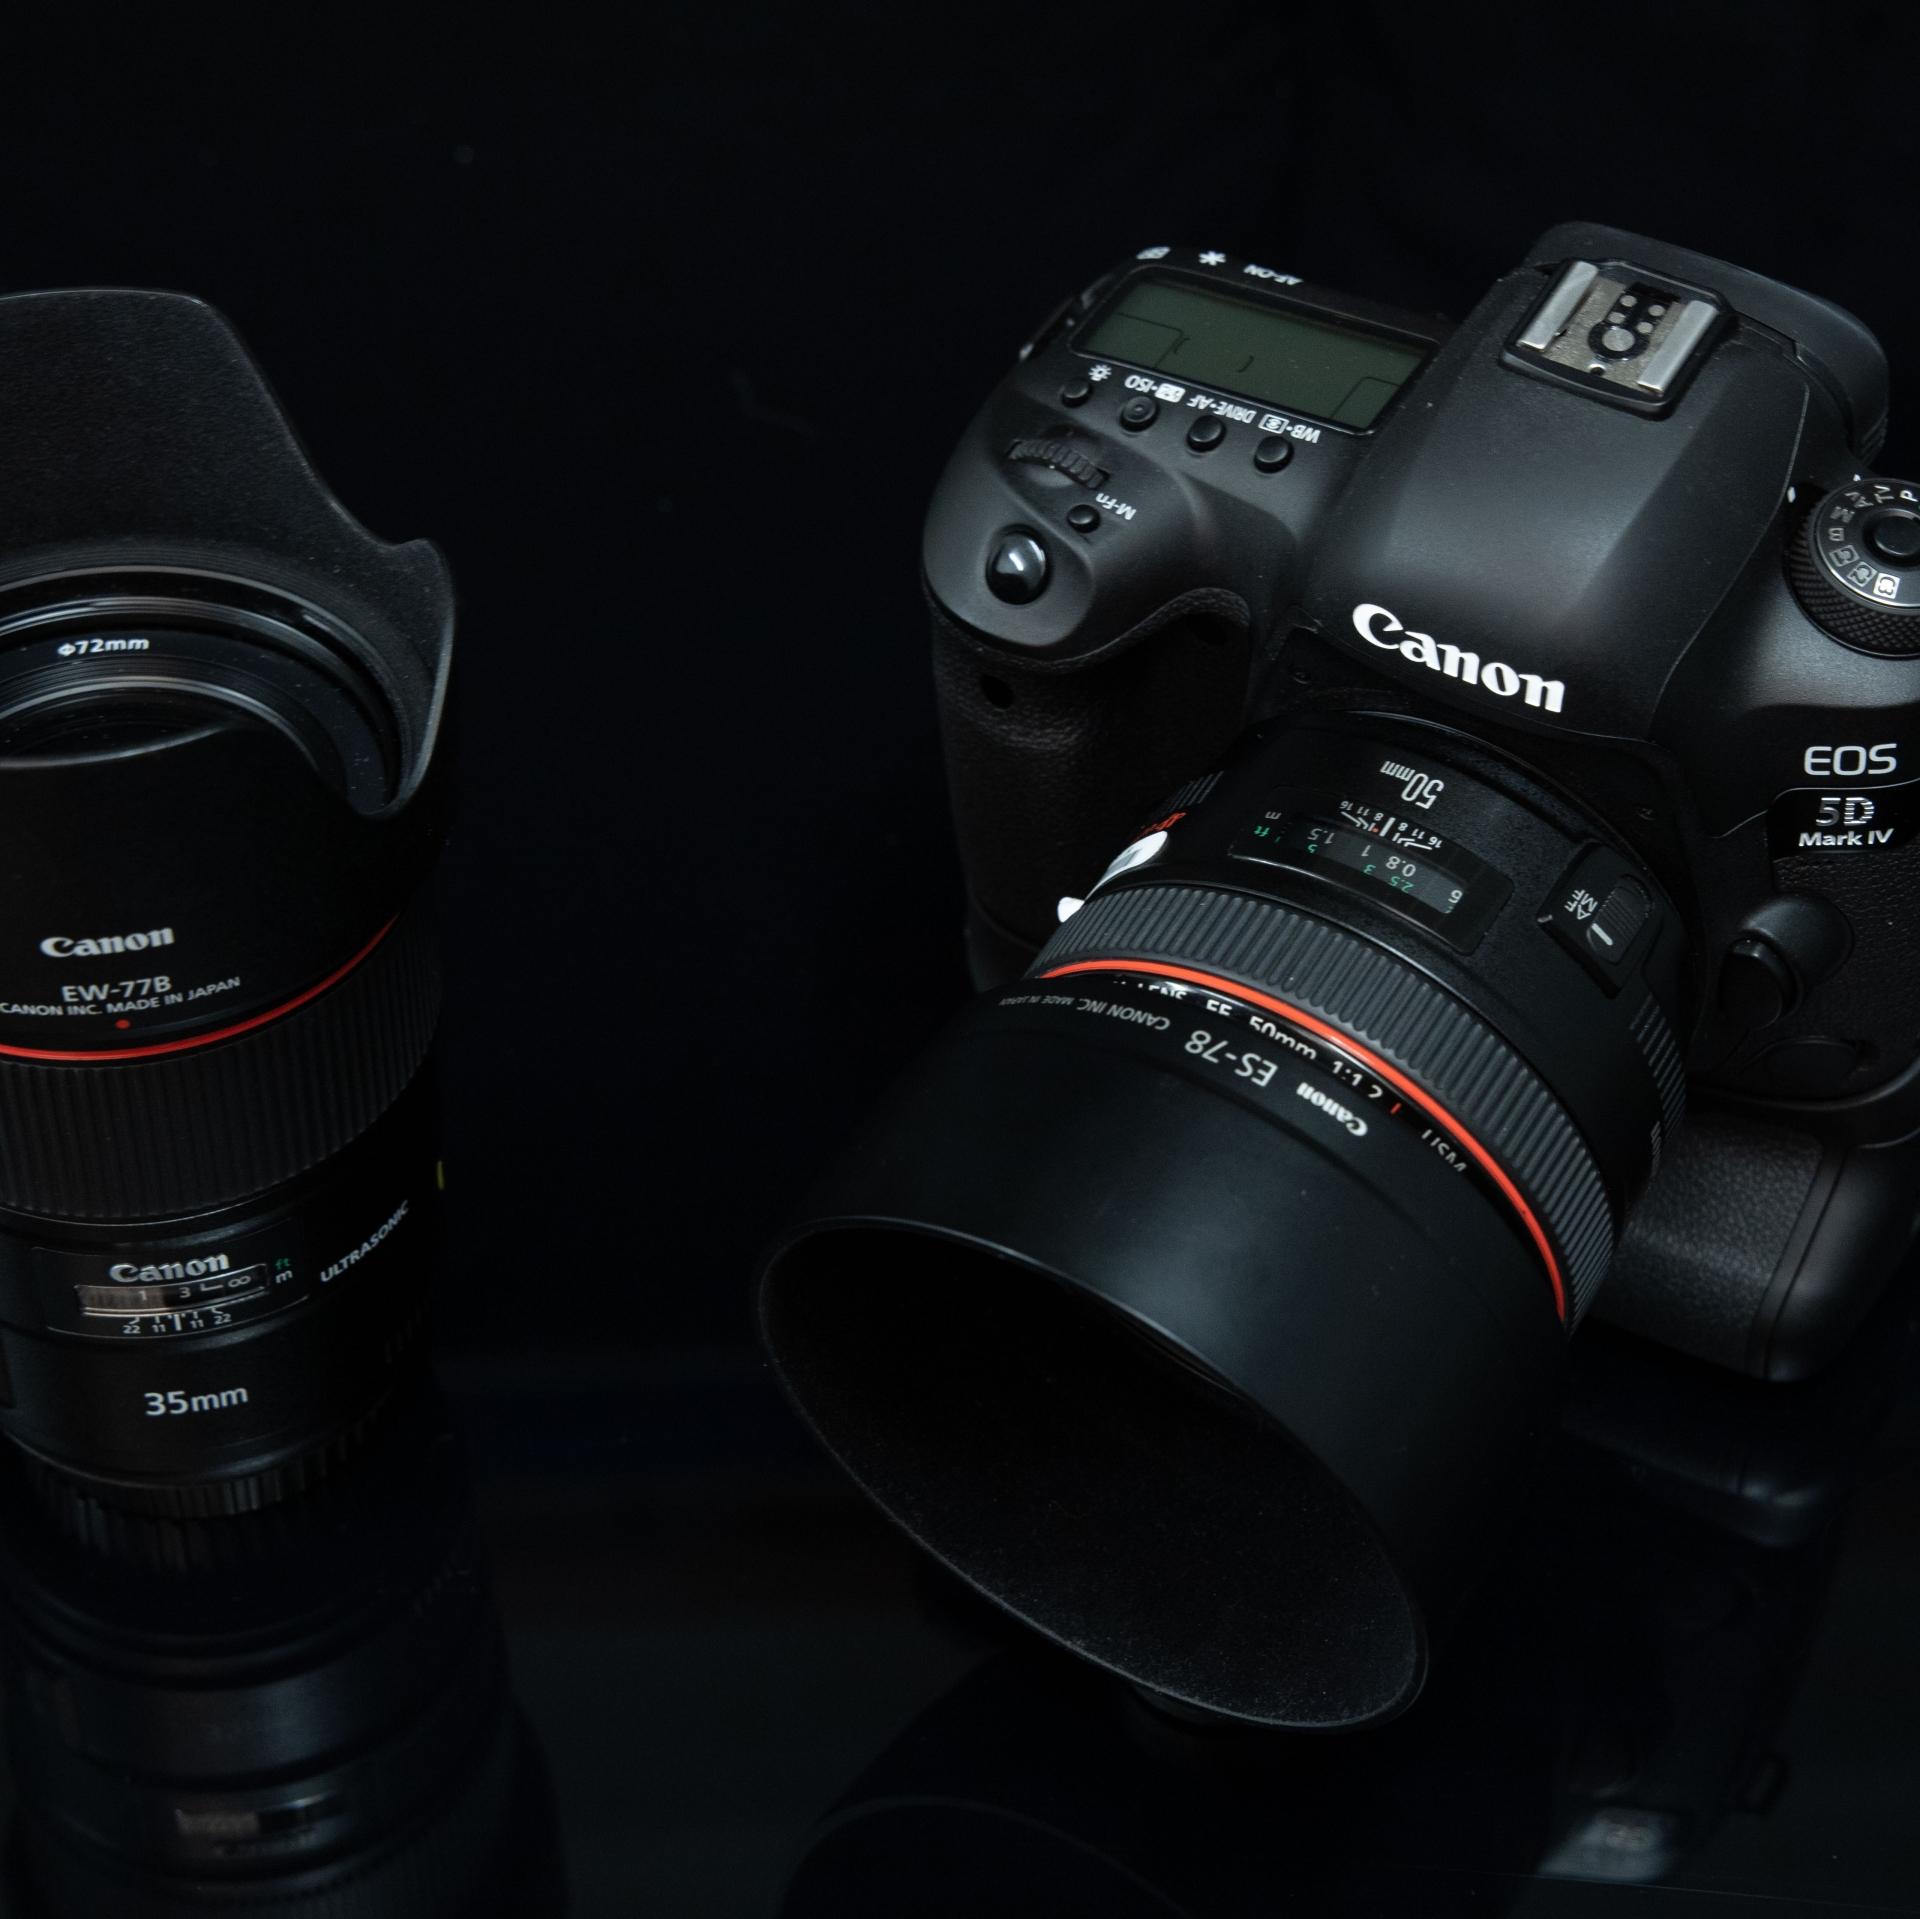 35mm-Objektiv, APS-C-Kamera, 50mm-Objektiv, Vollformatkamera wie der EOS 5D Mark IV